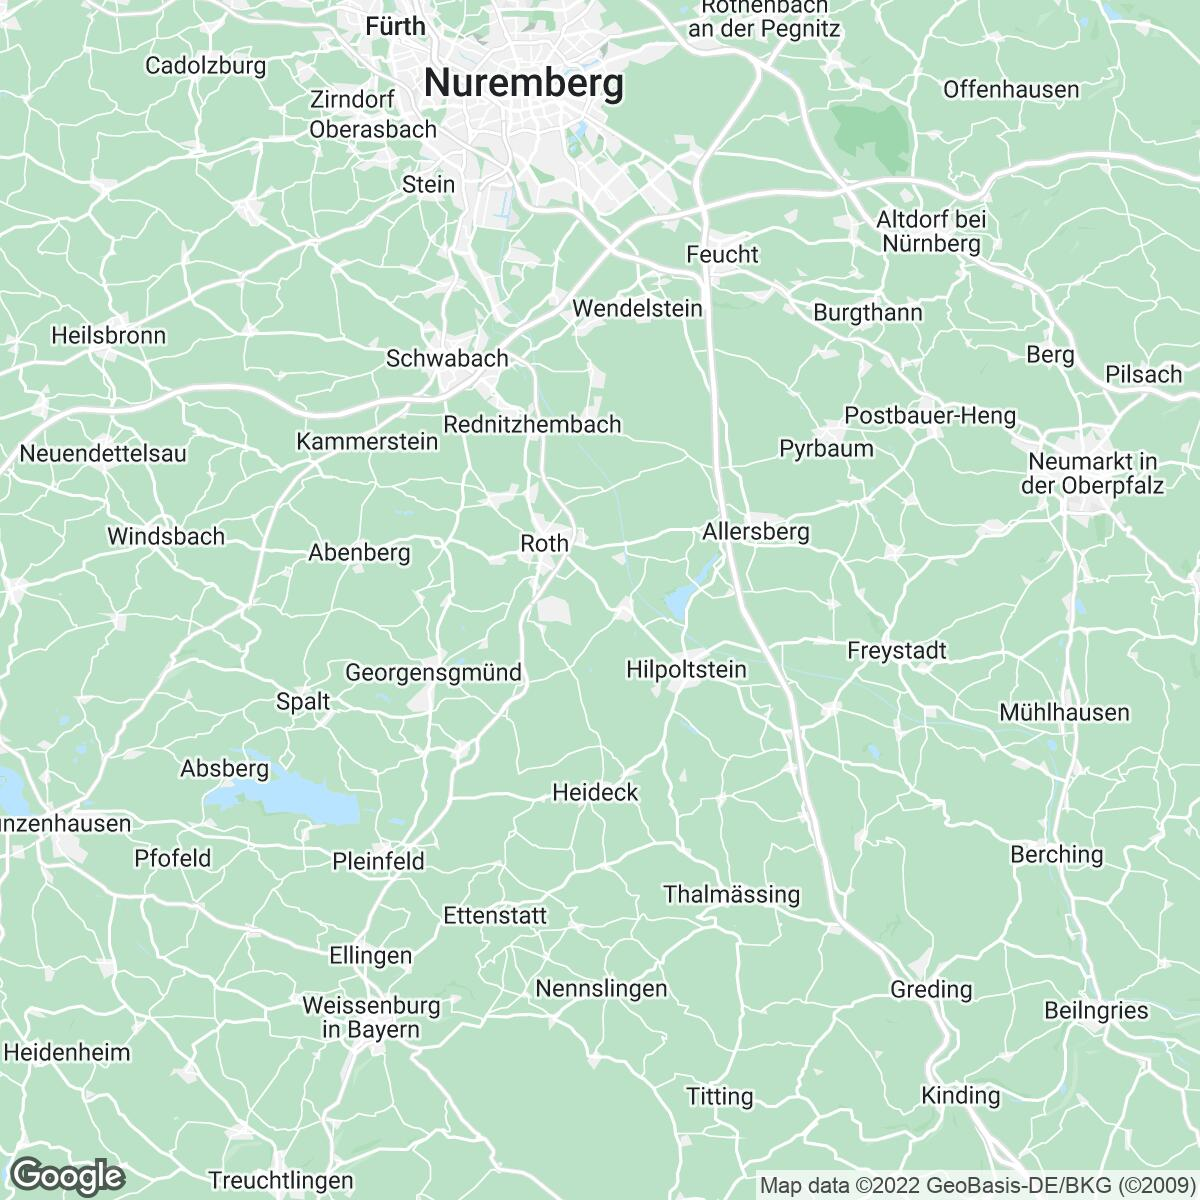 Verkaufsgebiet der Zeitungen Roth-Hilpoltsteiner VZ